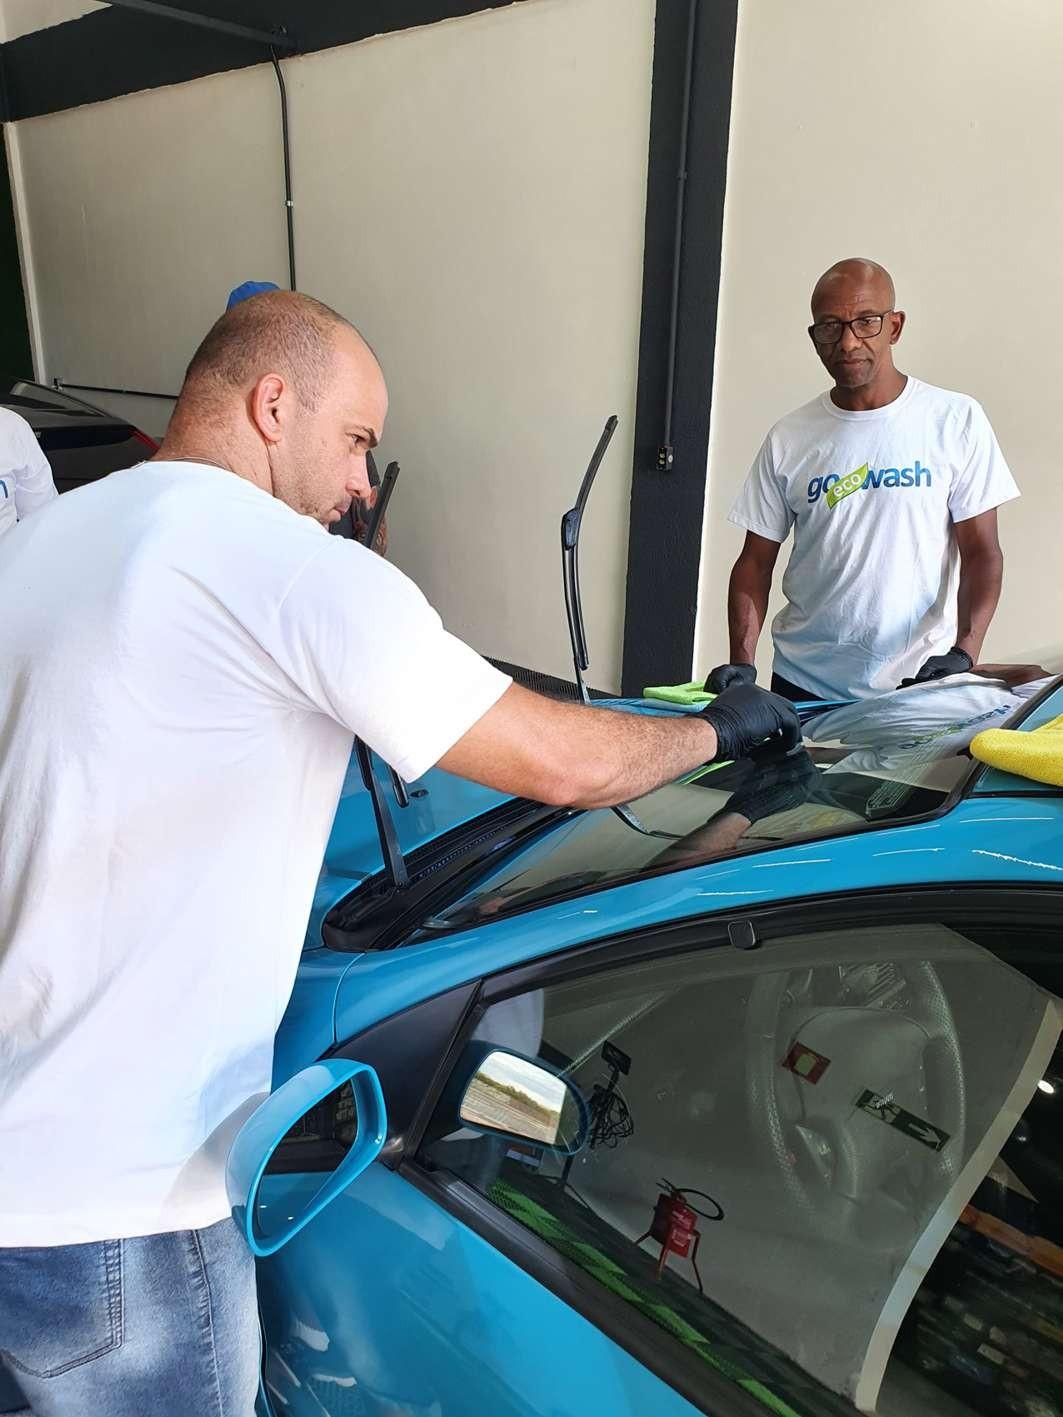 Curso Estética Automotiva + Higienização + Polimento e Vitrificação  - Loja Go Eco Wash